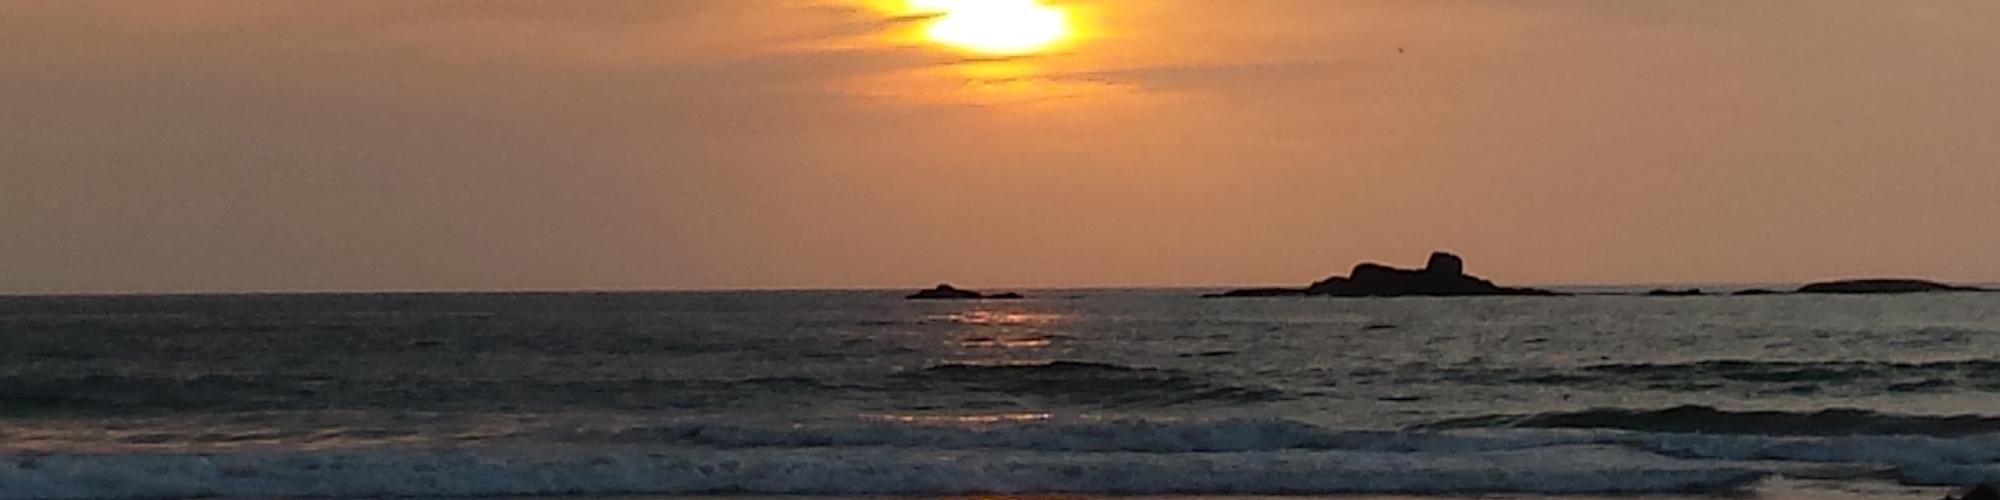 Sunset dans le sud du Sri Lanka